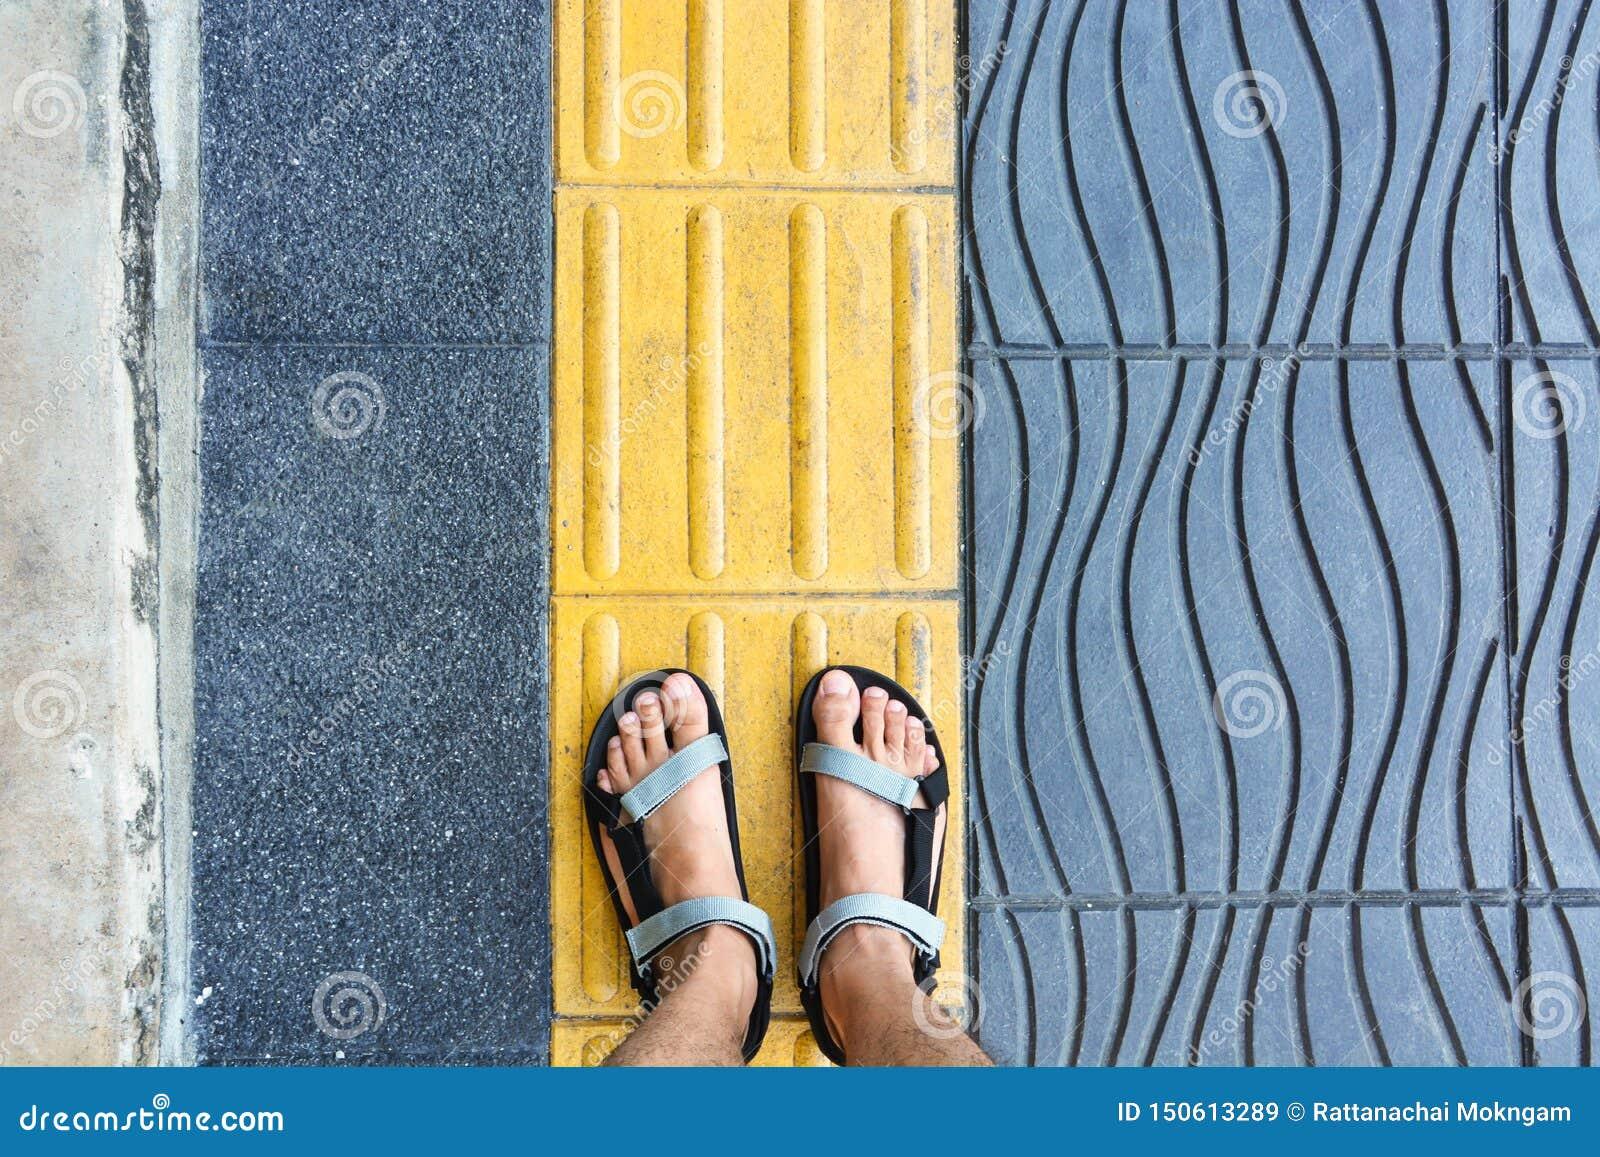 Pie en el carril peatonal para ayudar a gente ciega